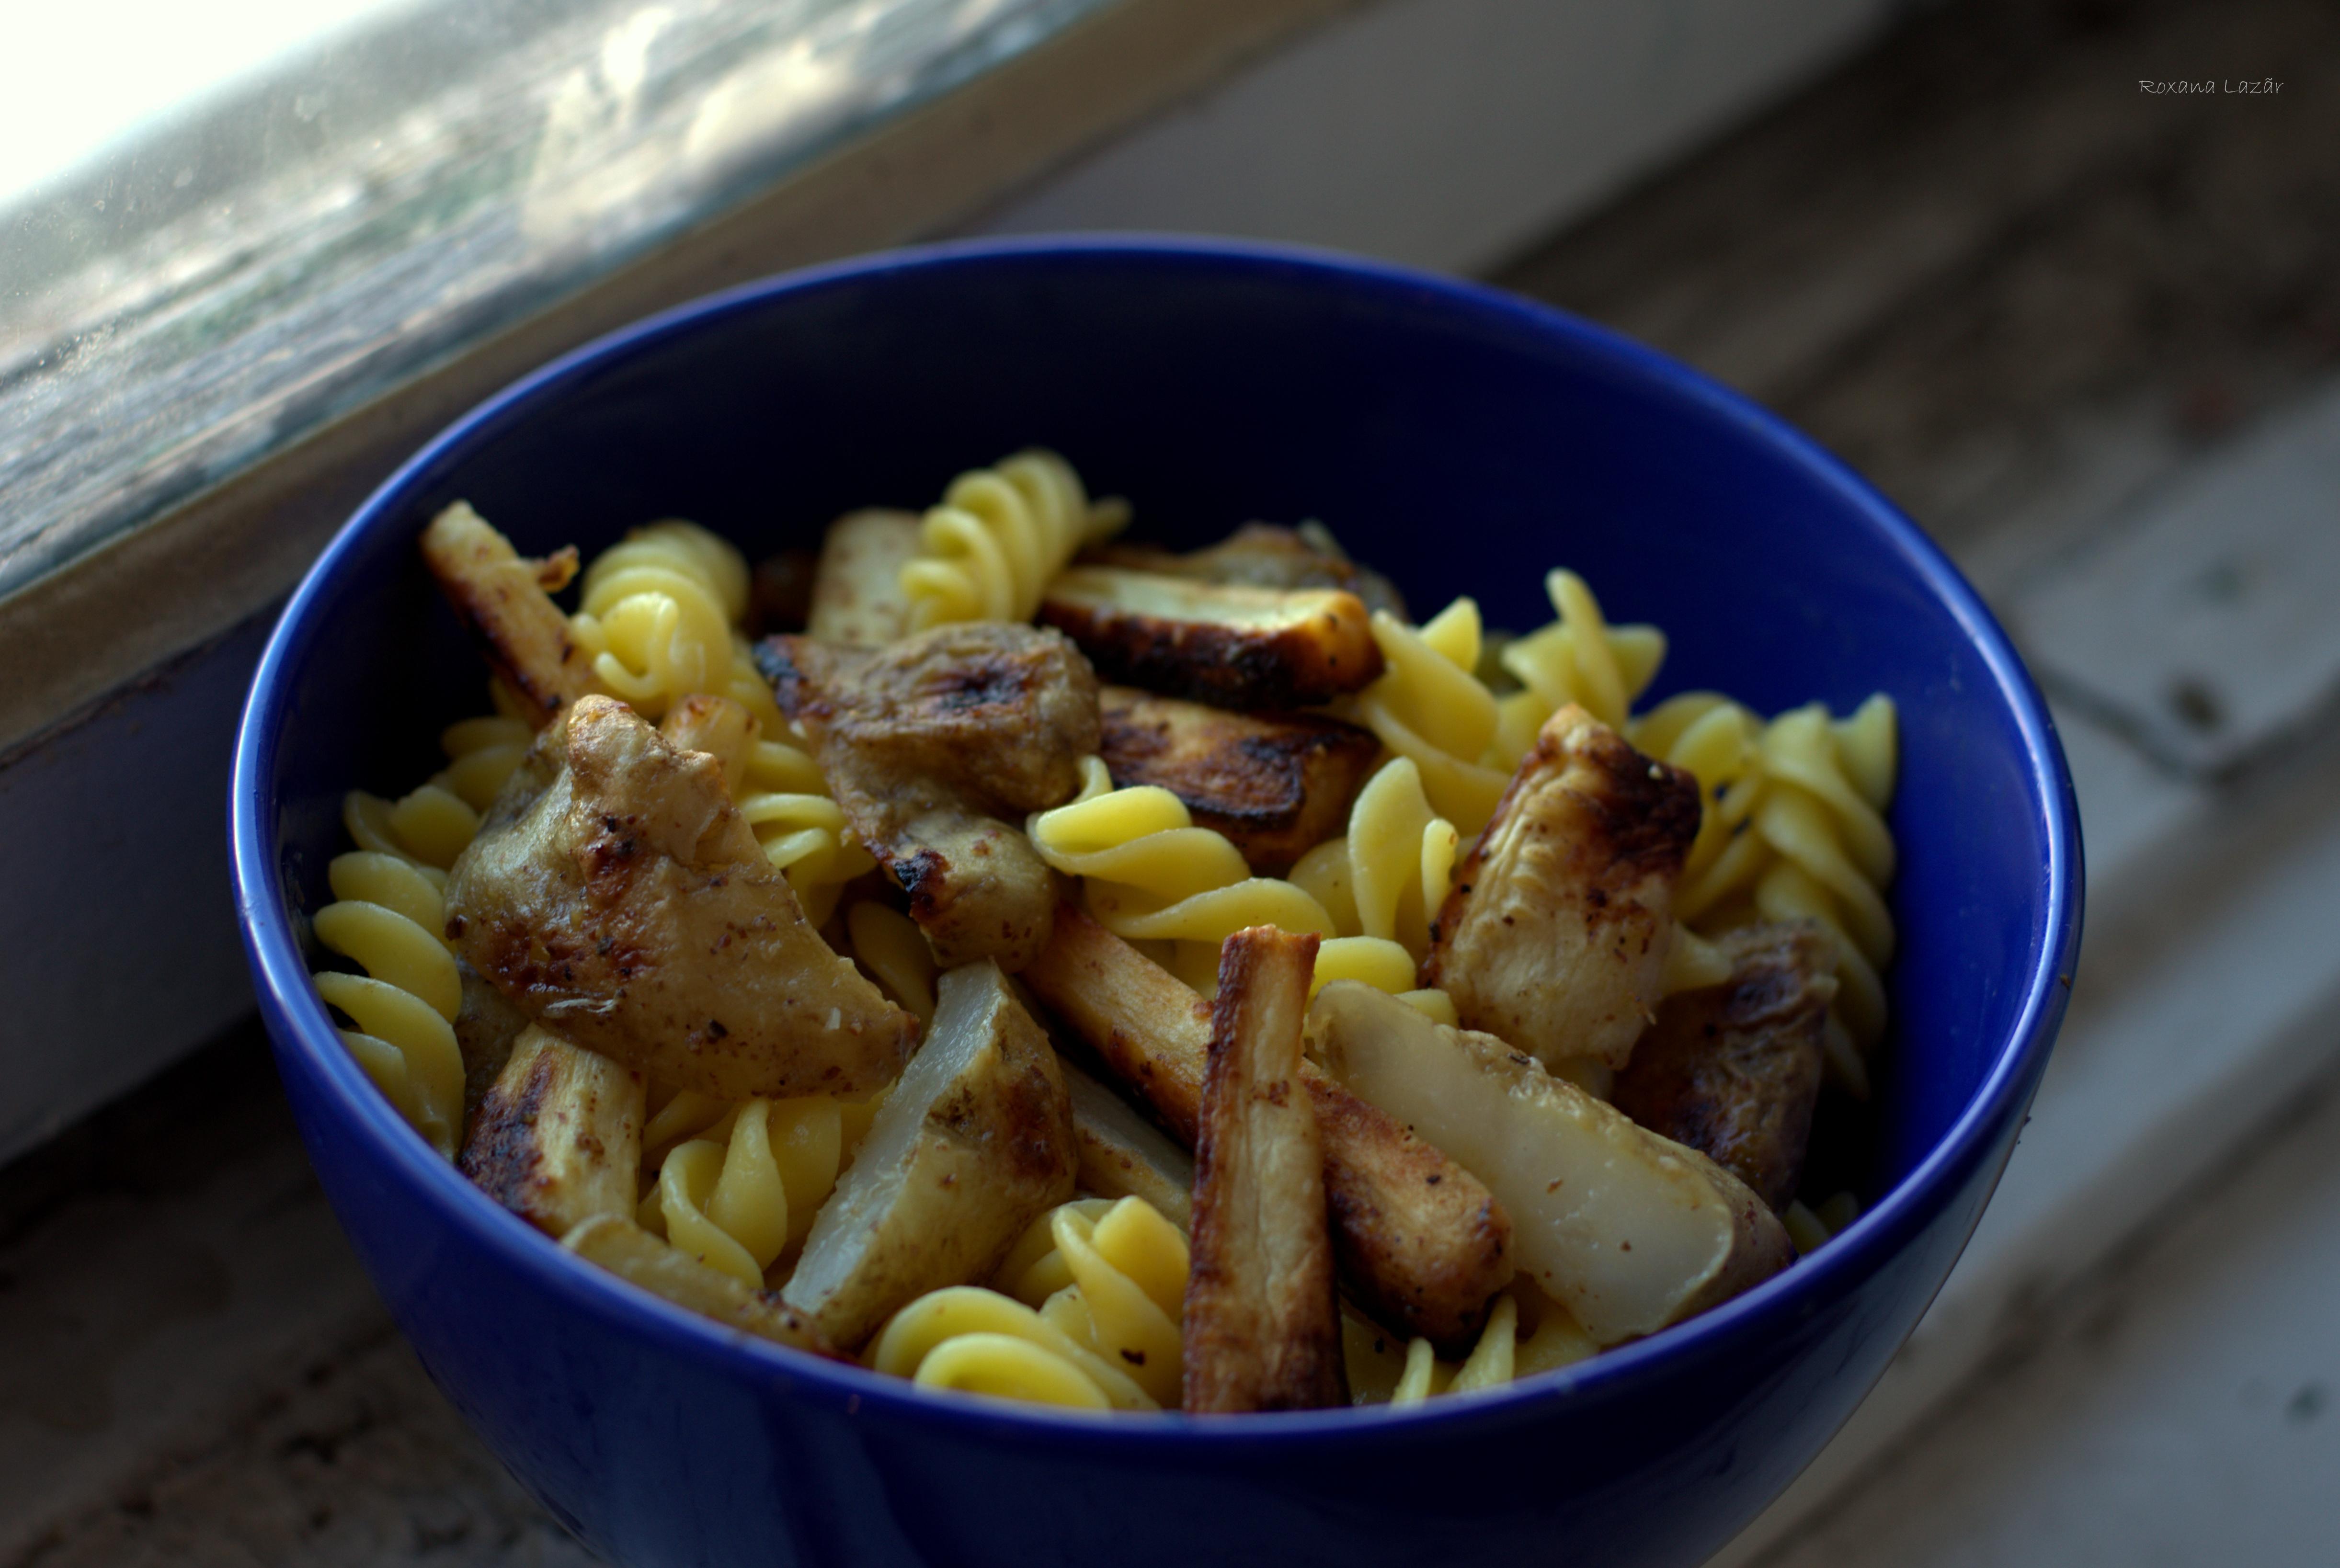 Pranzul vegan perfect: Spirale de porumb cu topinamburi (a.k.a. napi) si alte albituri coapte cu mustar